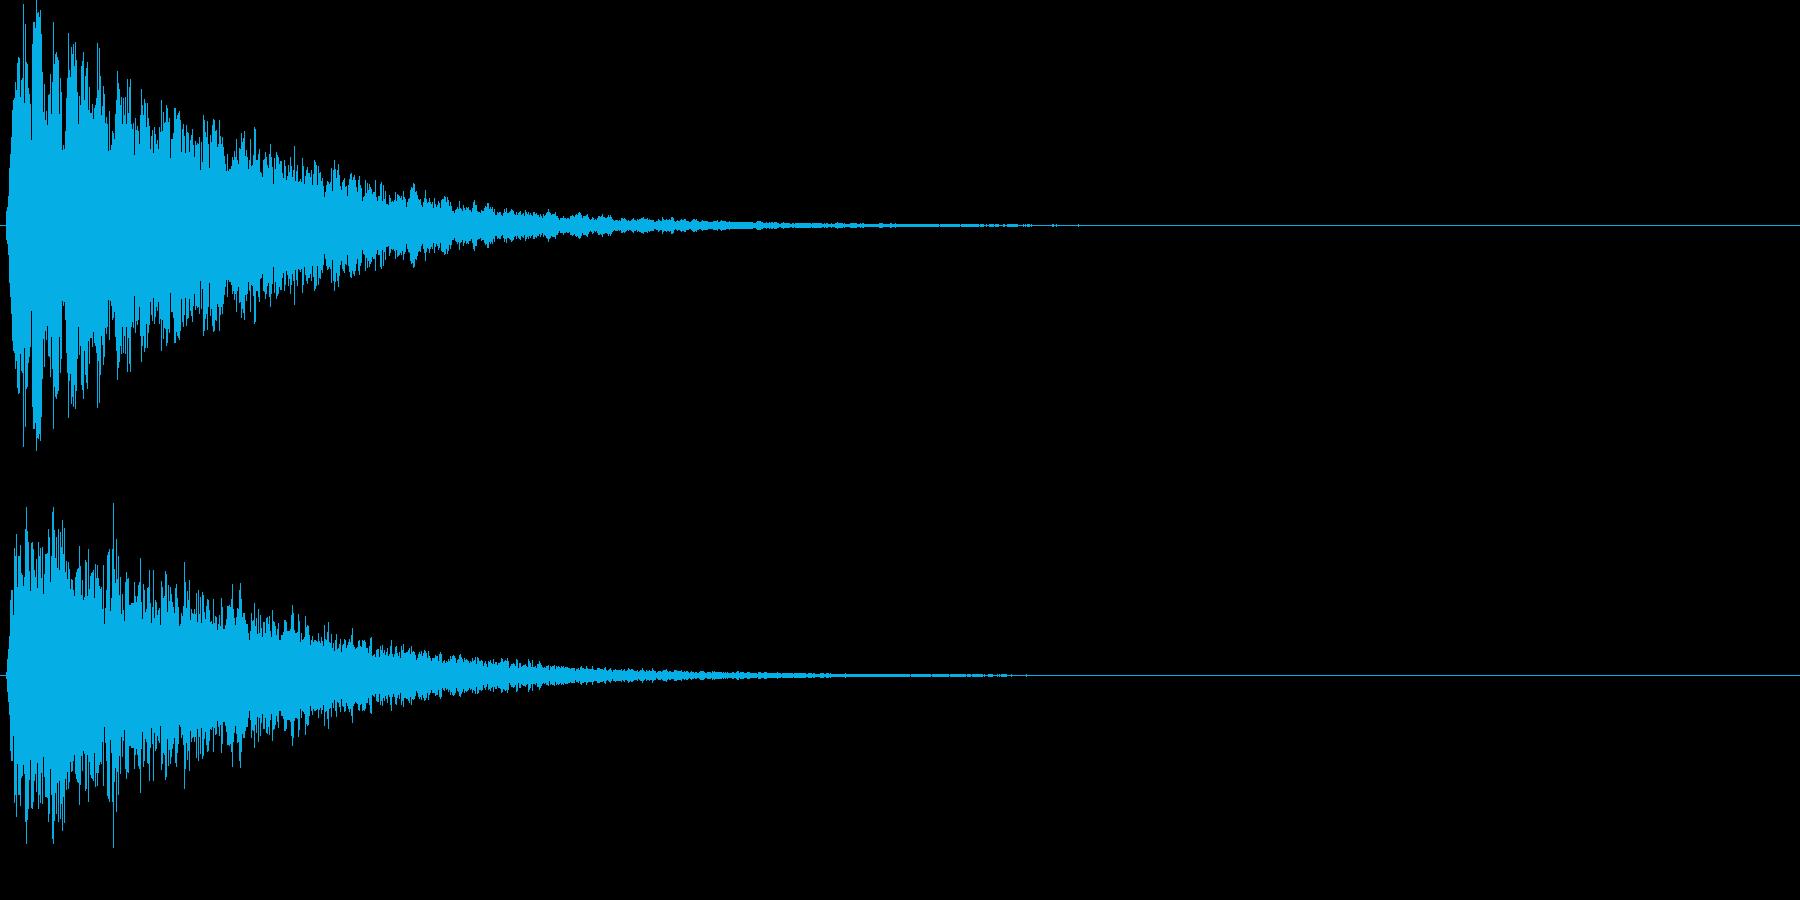 ピーン。気づく・思い出す音Eの再生済みの波形